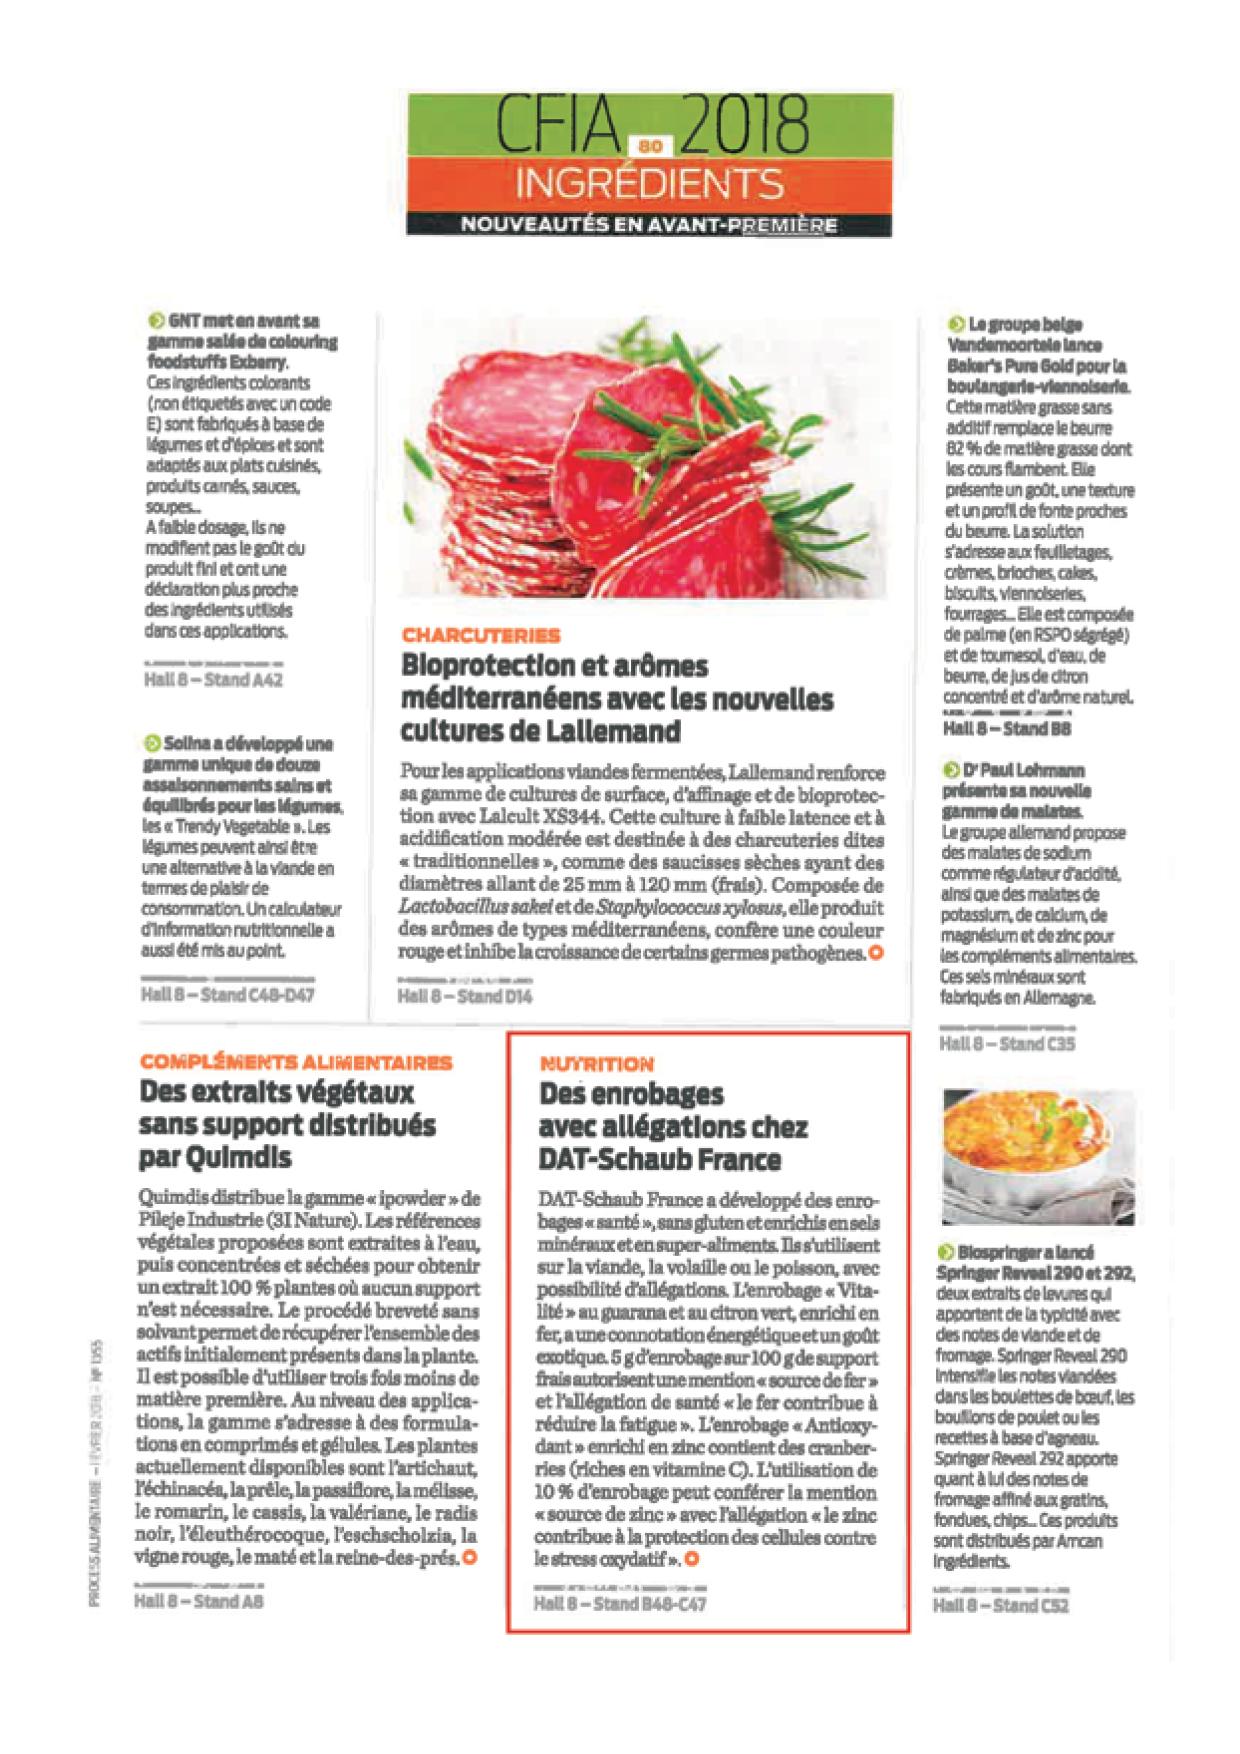 Articles sur les burgers Nutri + et les enrobages santé dans PROCESS N°1355 de février 2018 et Guide du salon de PROCESS de mars 20184